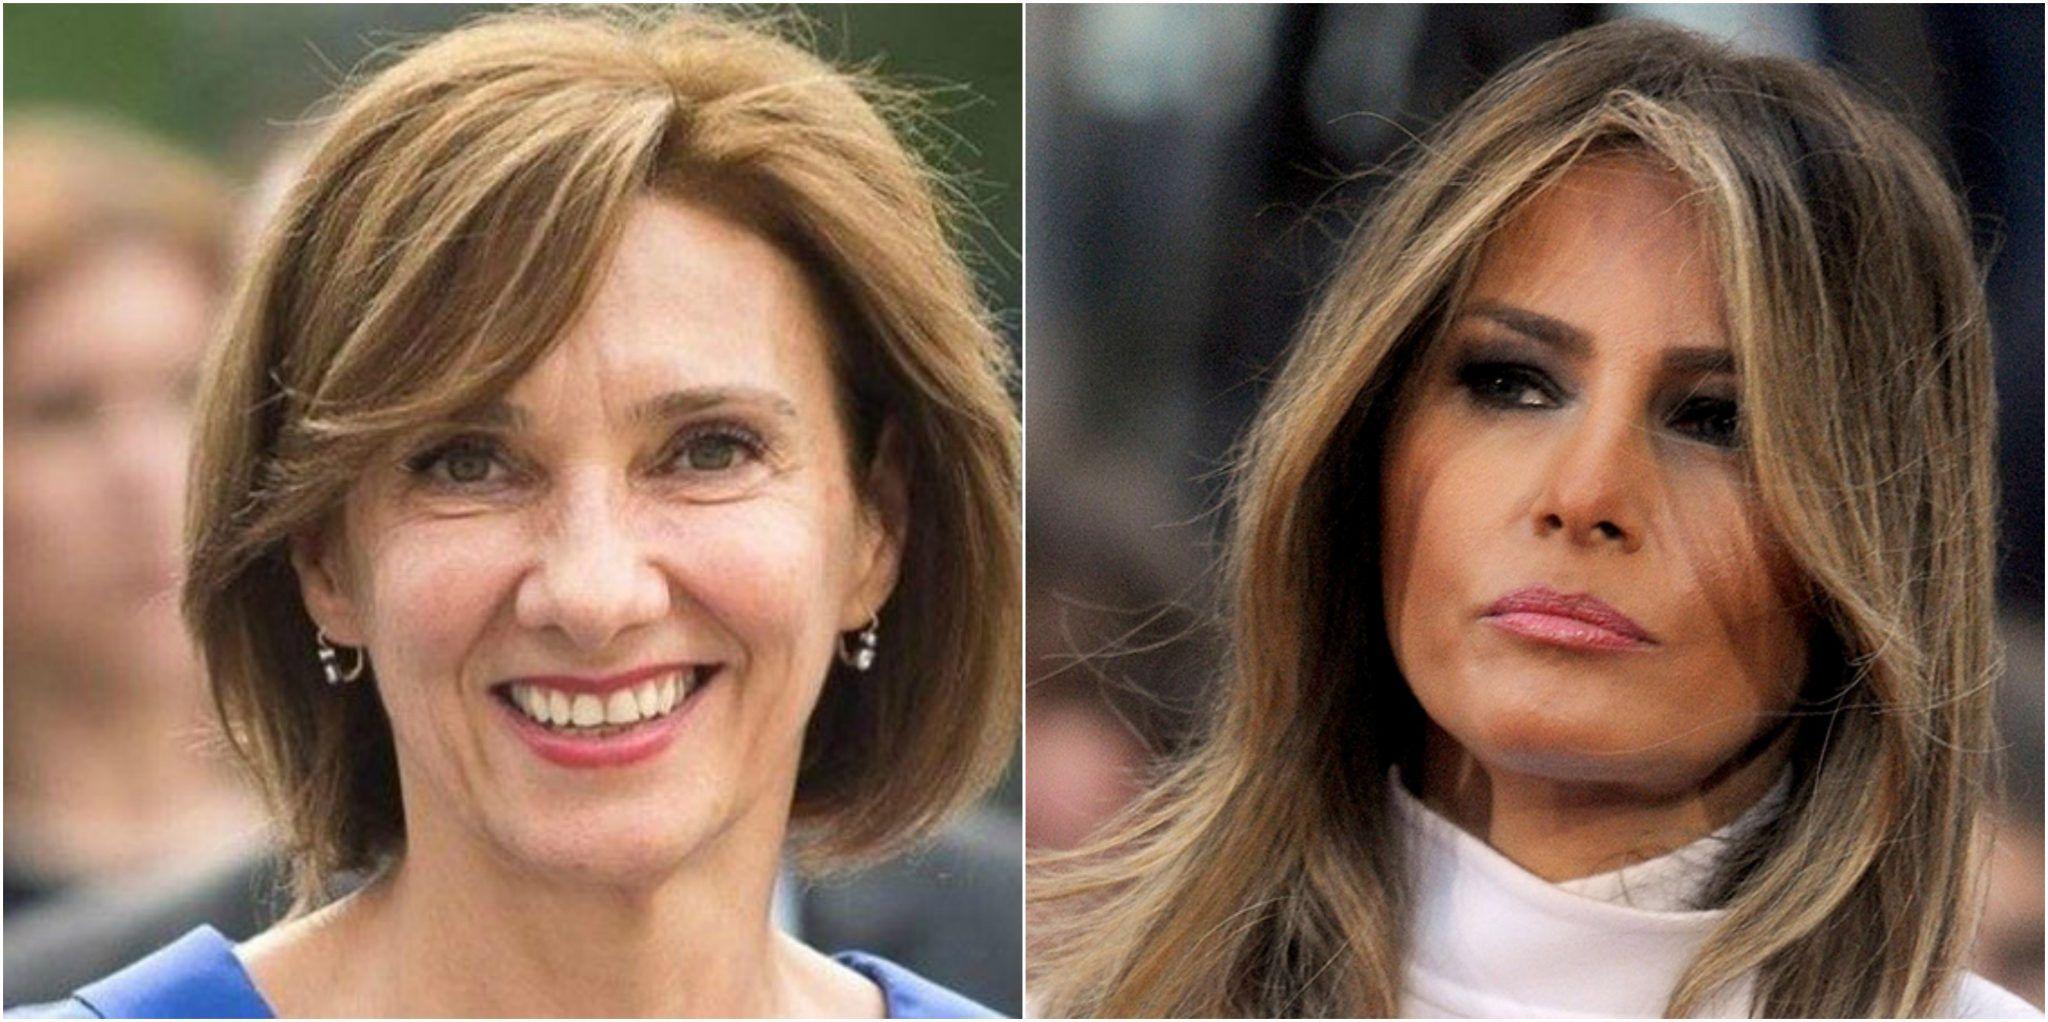 Întâlnirea dintre Carmen Iohannis și Melania Trump. Ce au avut în comun la capitolul modă